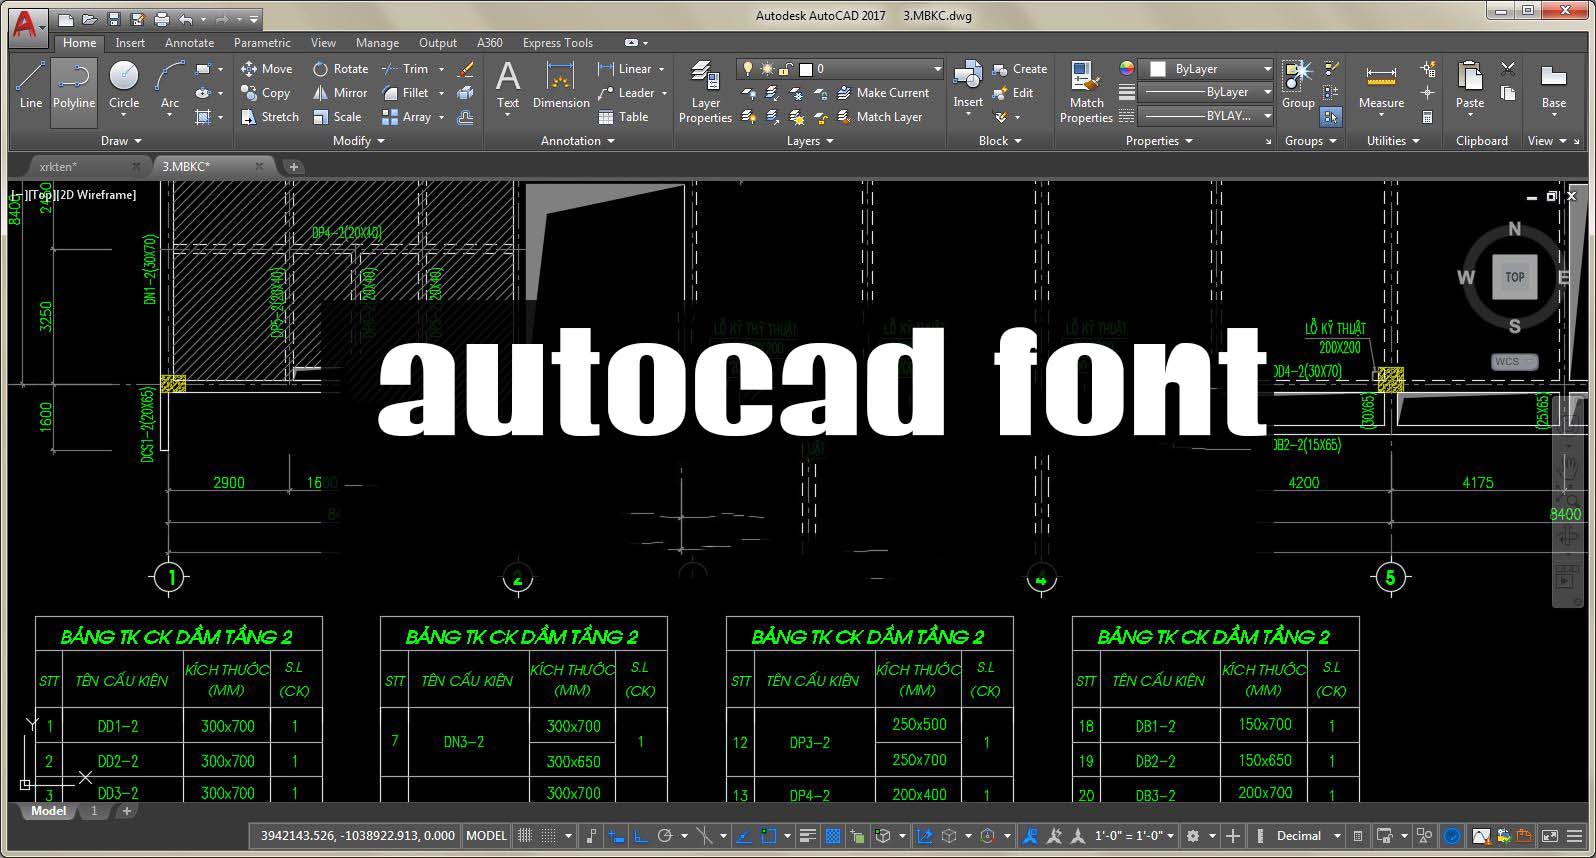 Font cad full